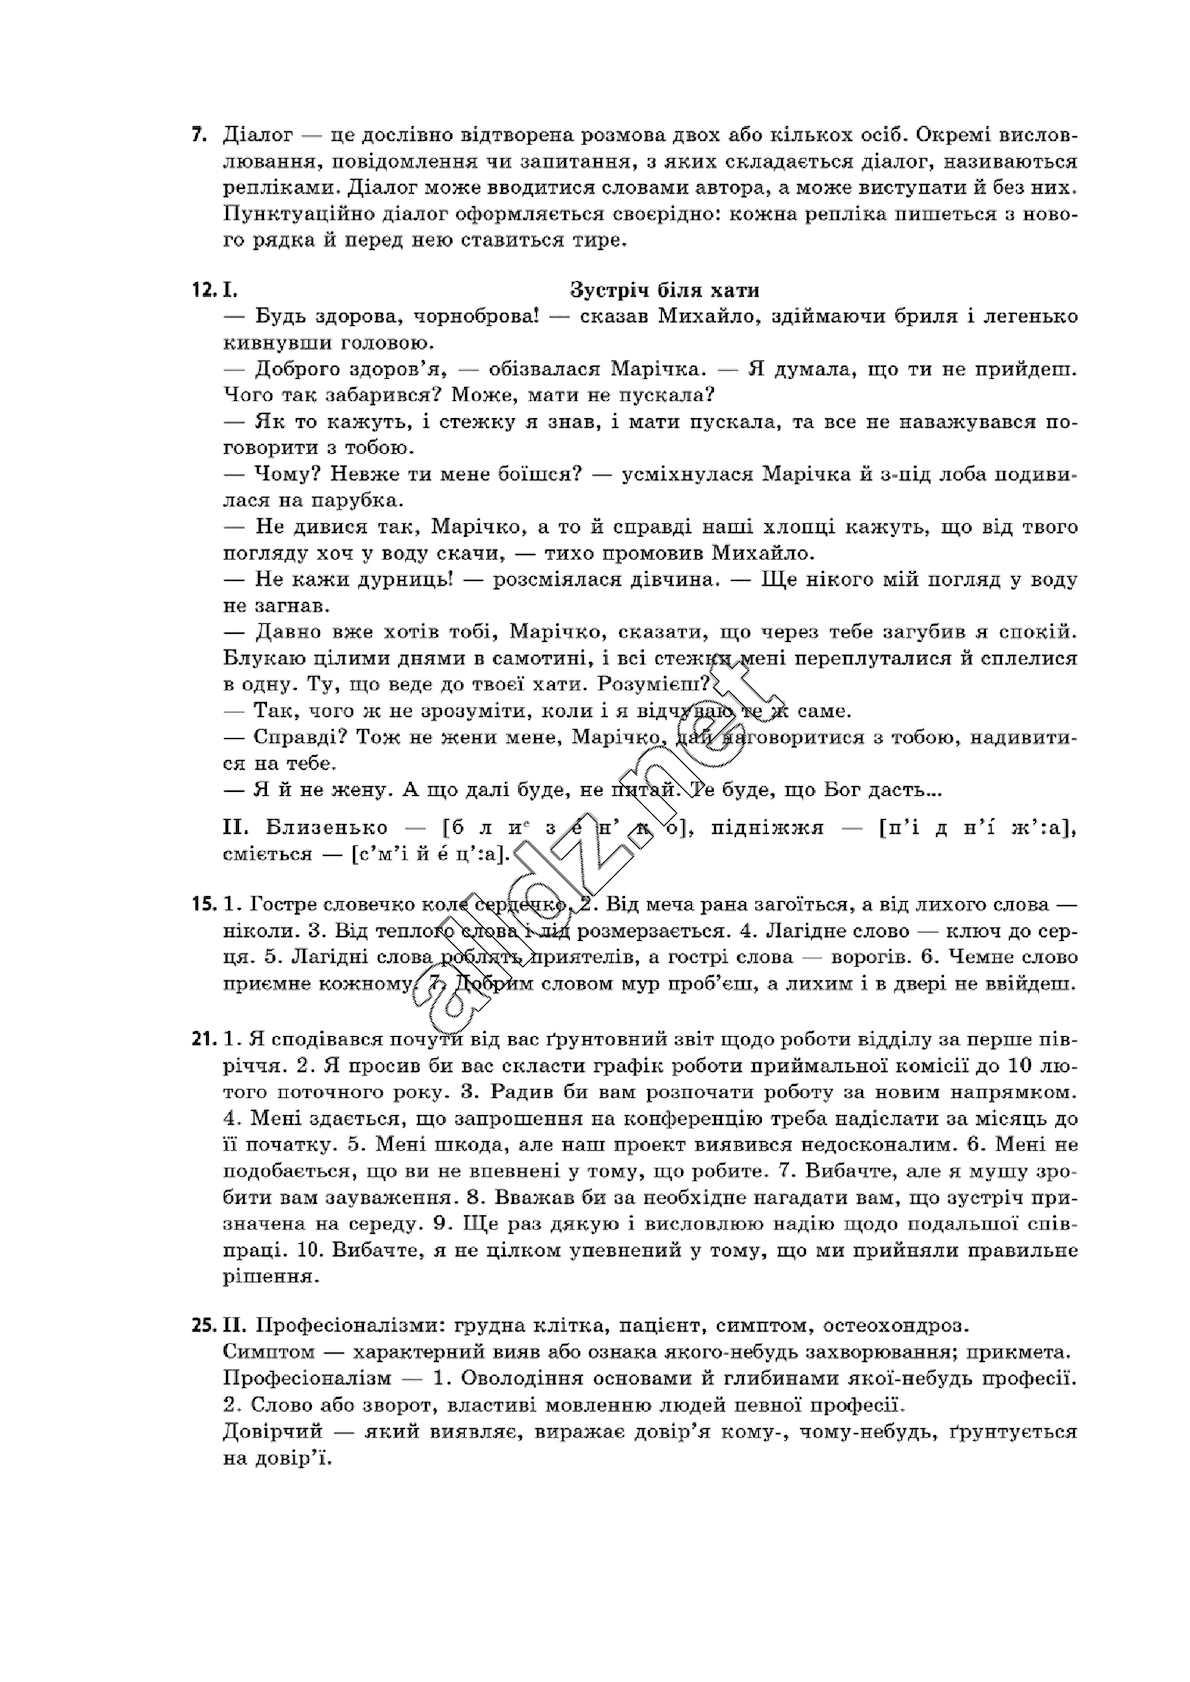 ГДЗ з рідної мови 11 клас О.В. Заболотний.